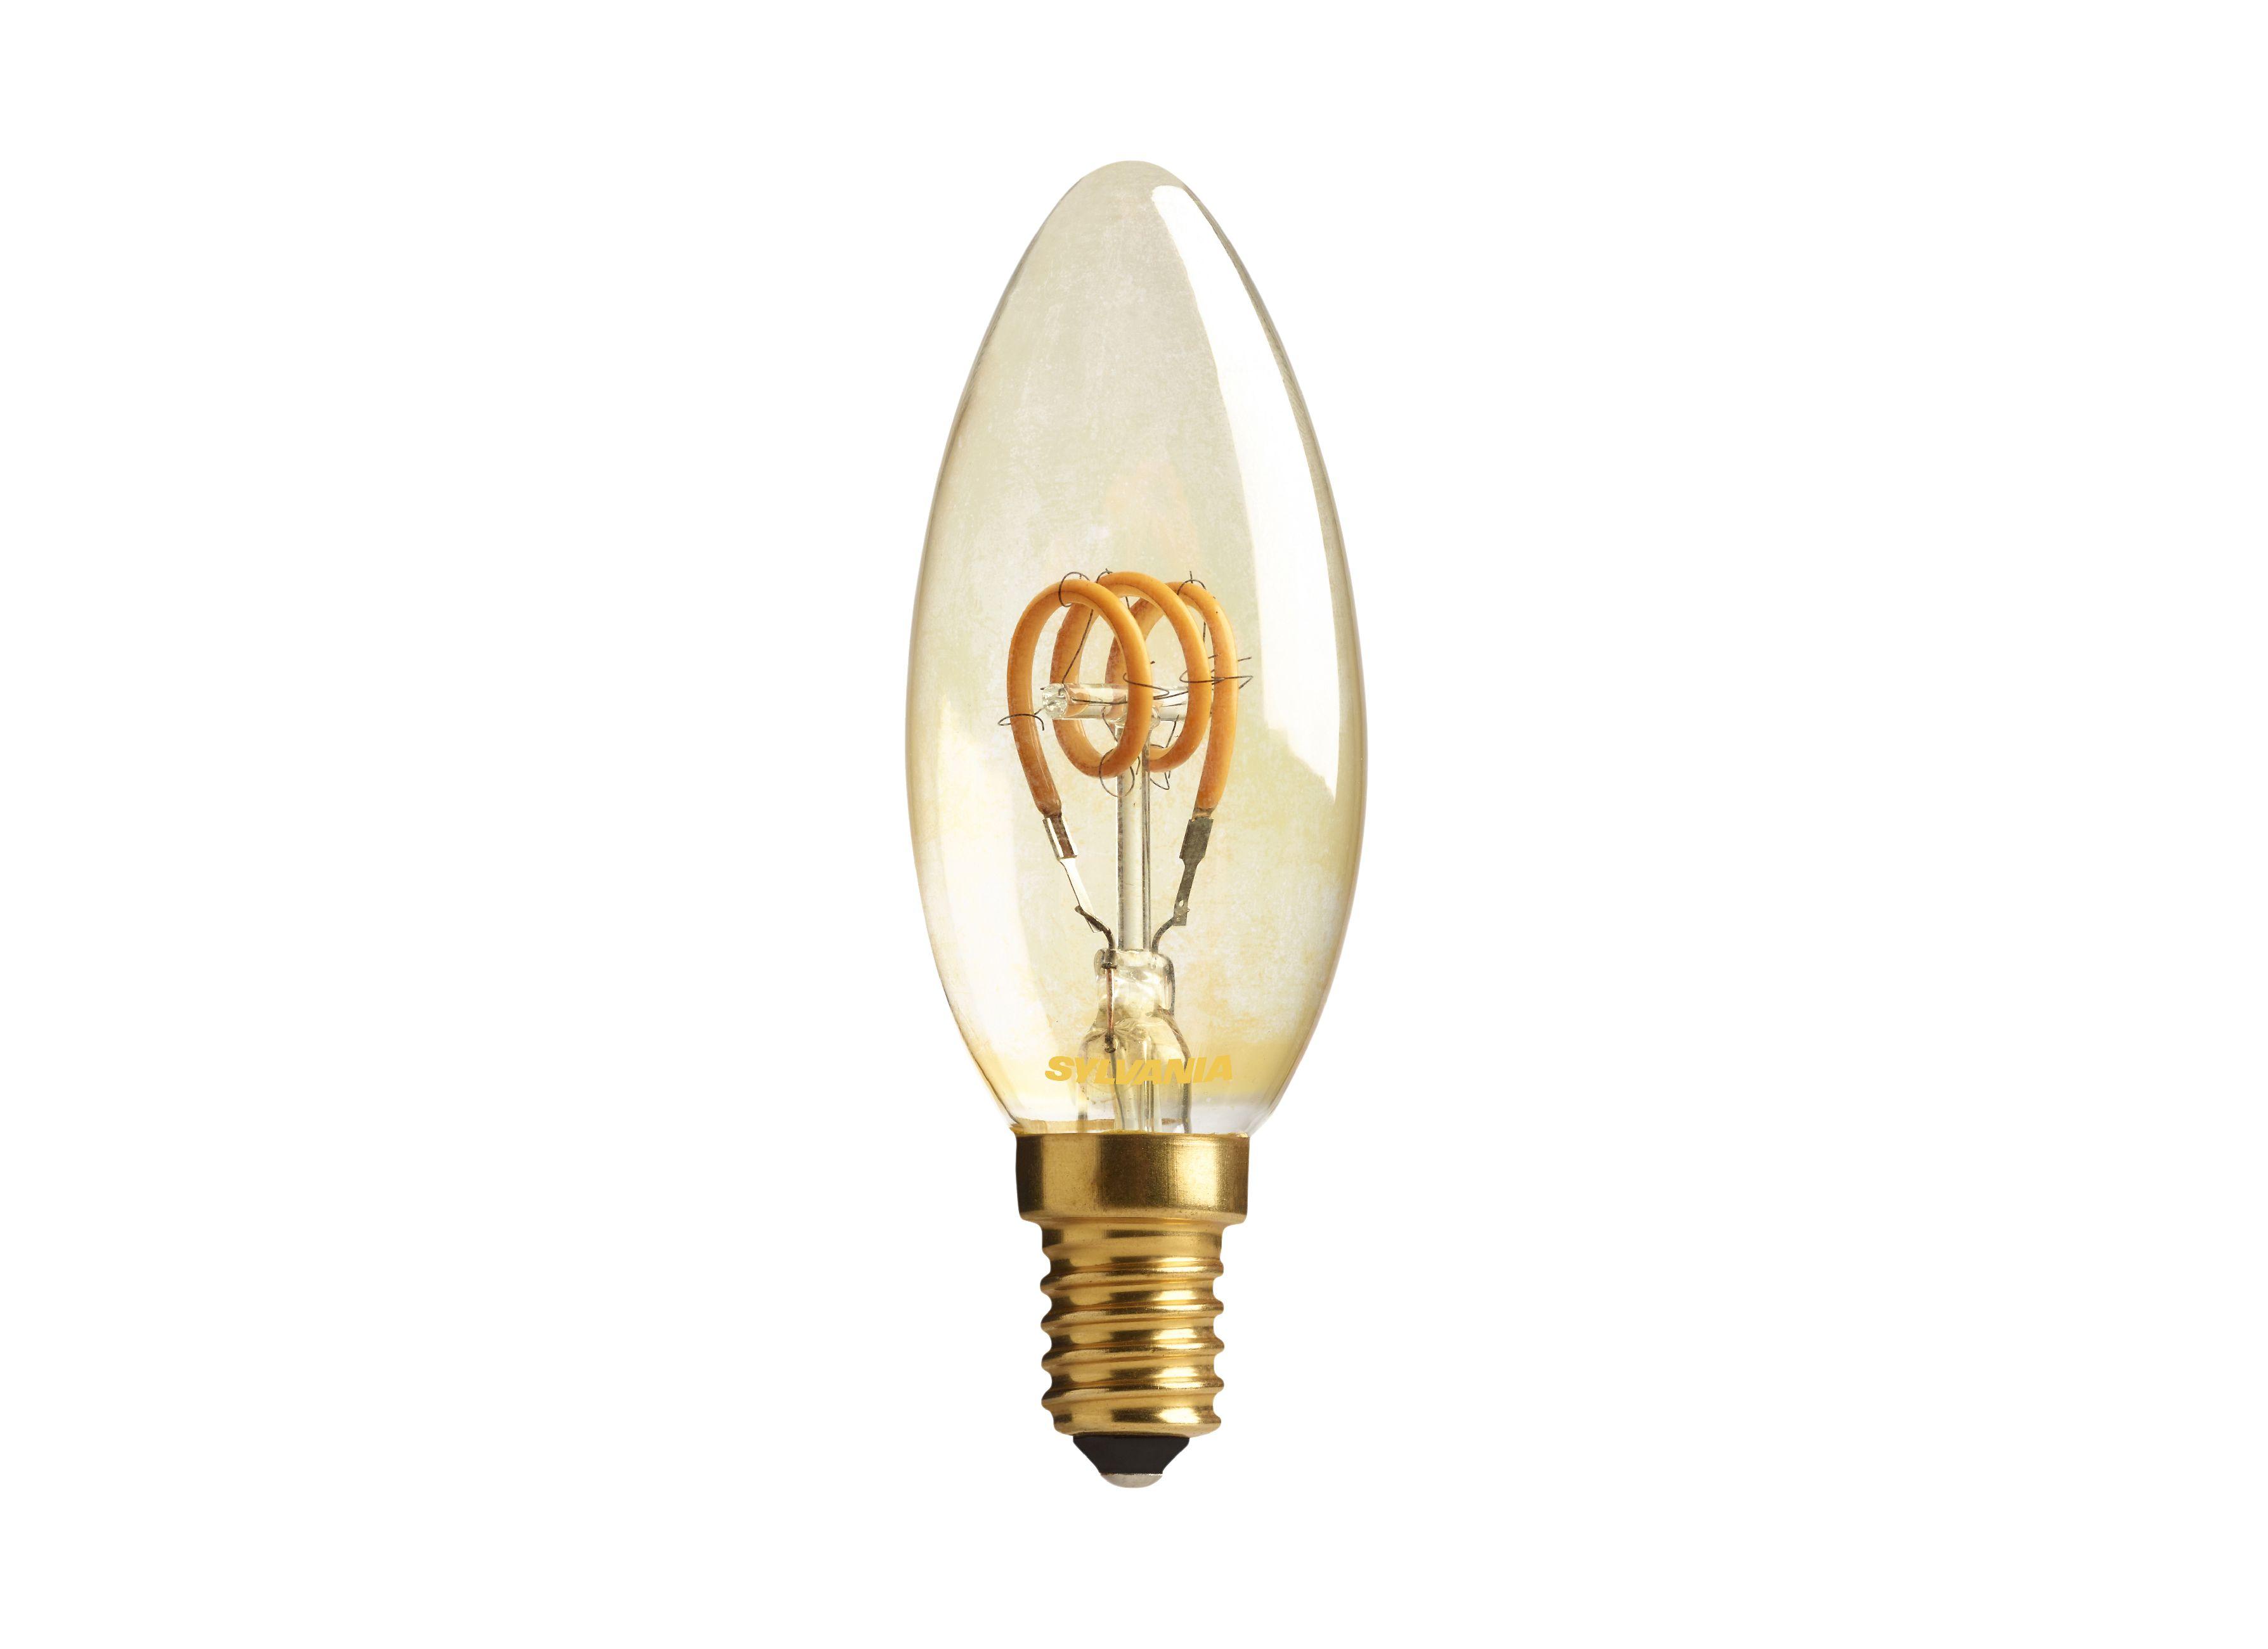 gluhlampe-led-vintage-kerze-23-w-125-lm-2000-k